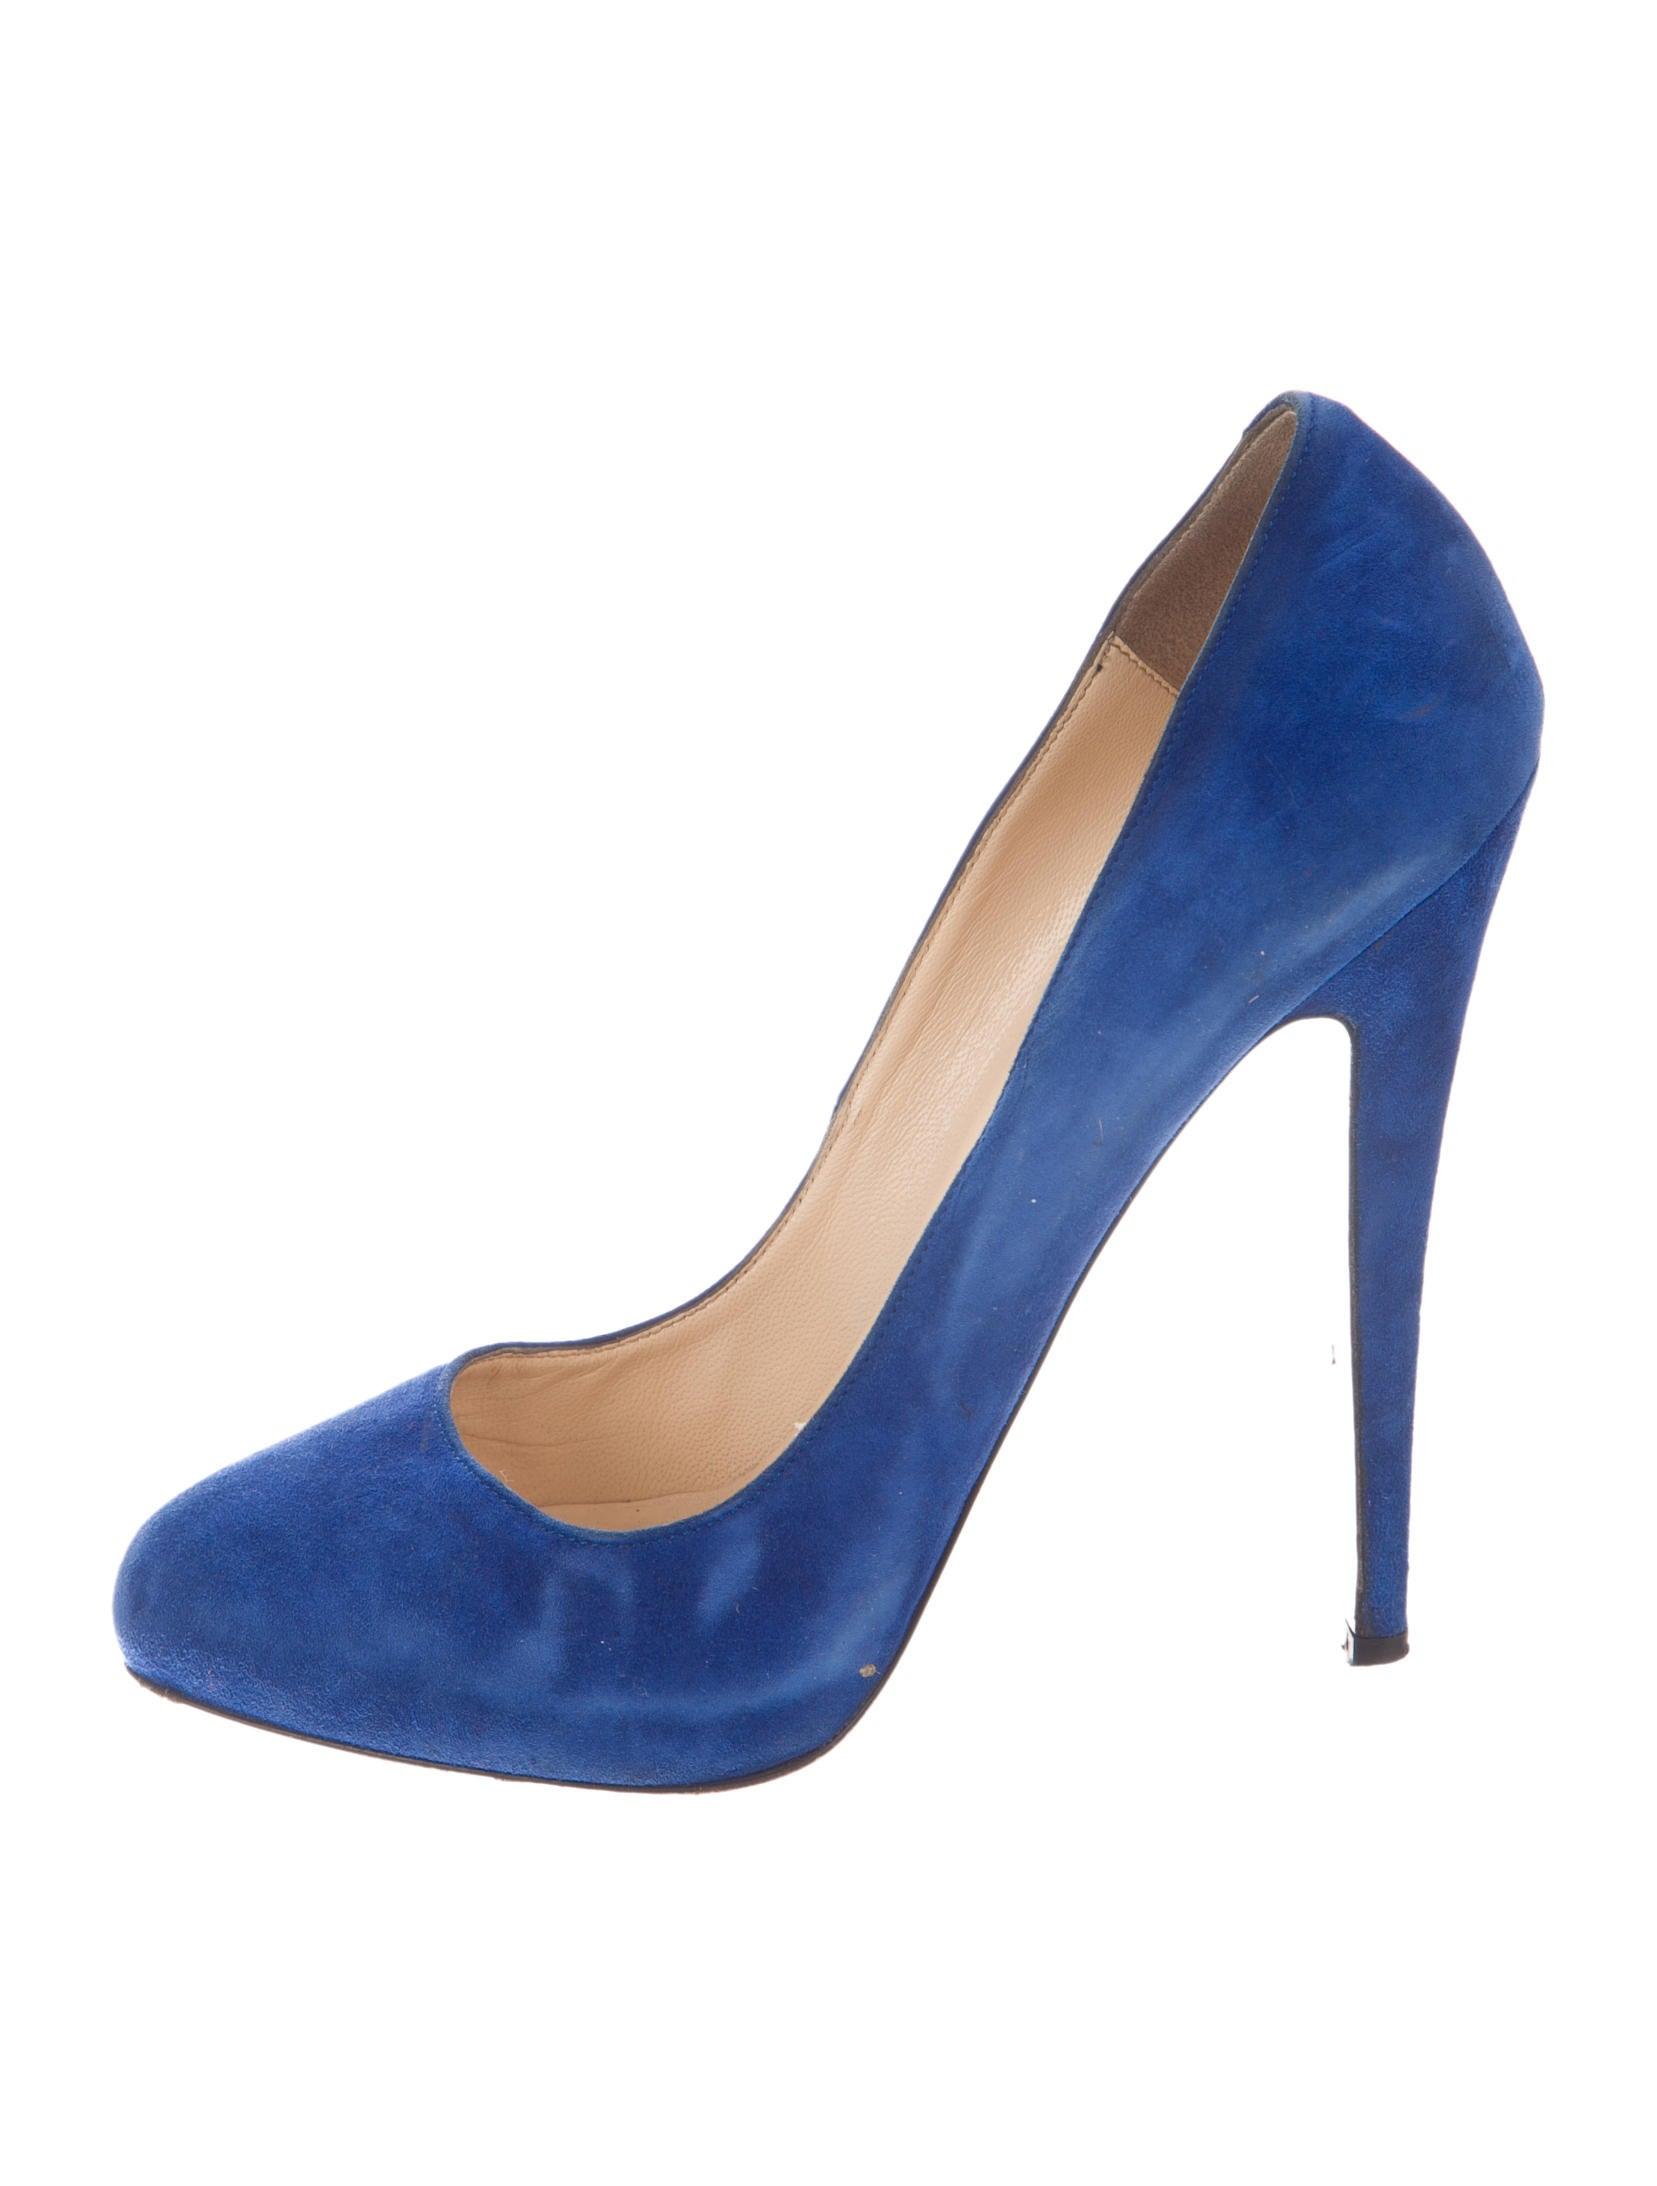 de753df96d86 Artesur » christian louboutin round-toe pumps Blue suede concealed ...